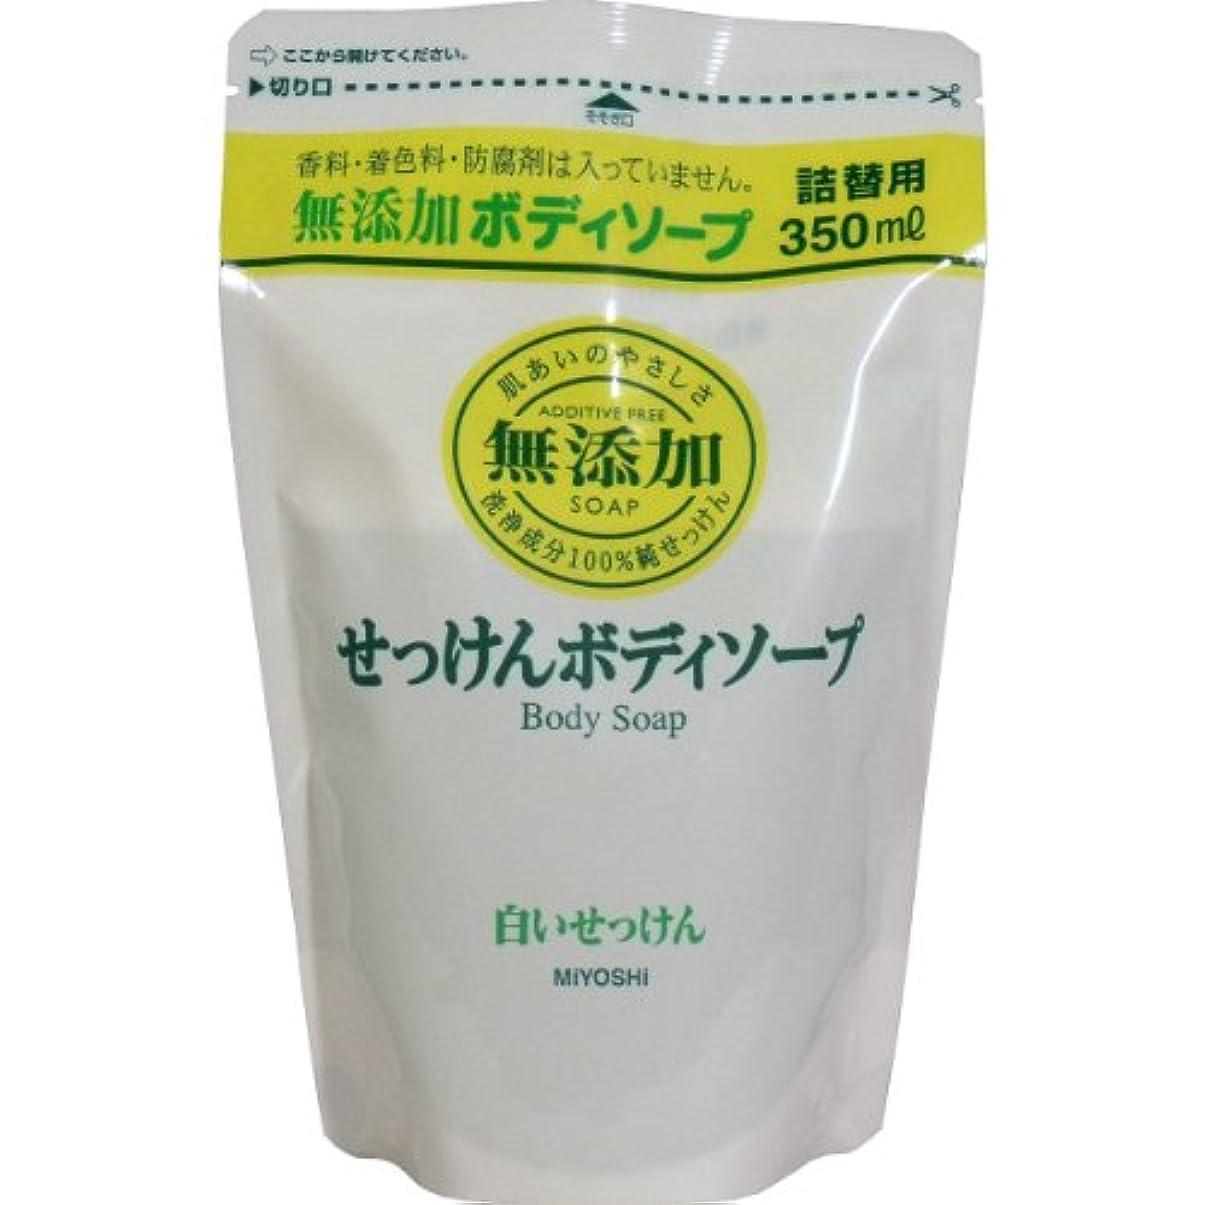 解くダイバー取り囲むミヨシ 無添加 ボディソープ 白い石けん つめかえ用 350ml(無添加石鹸) x 10個セット